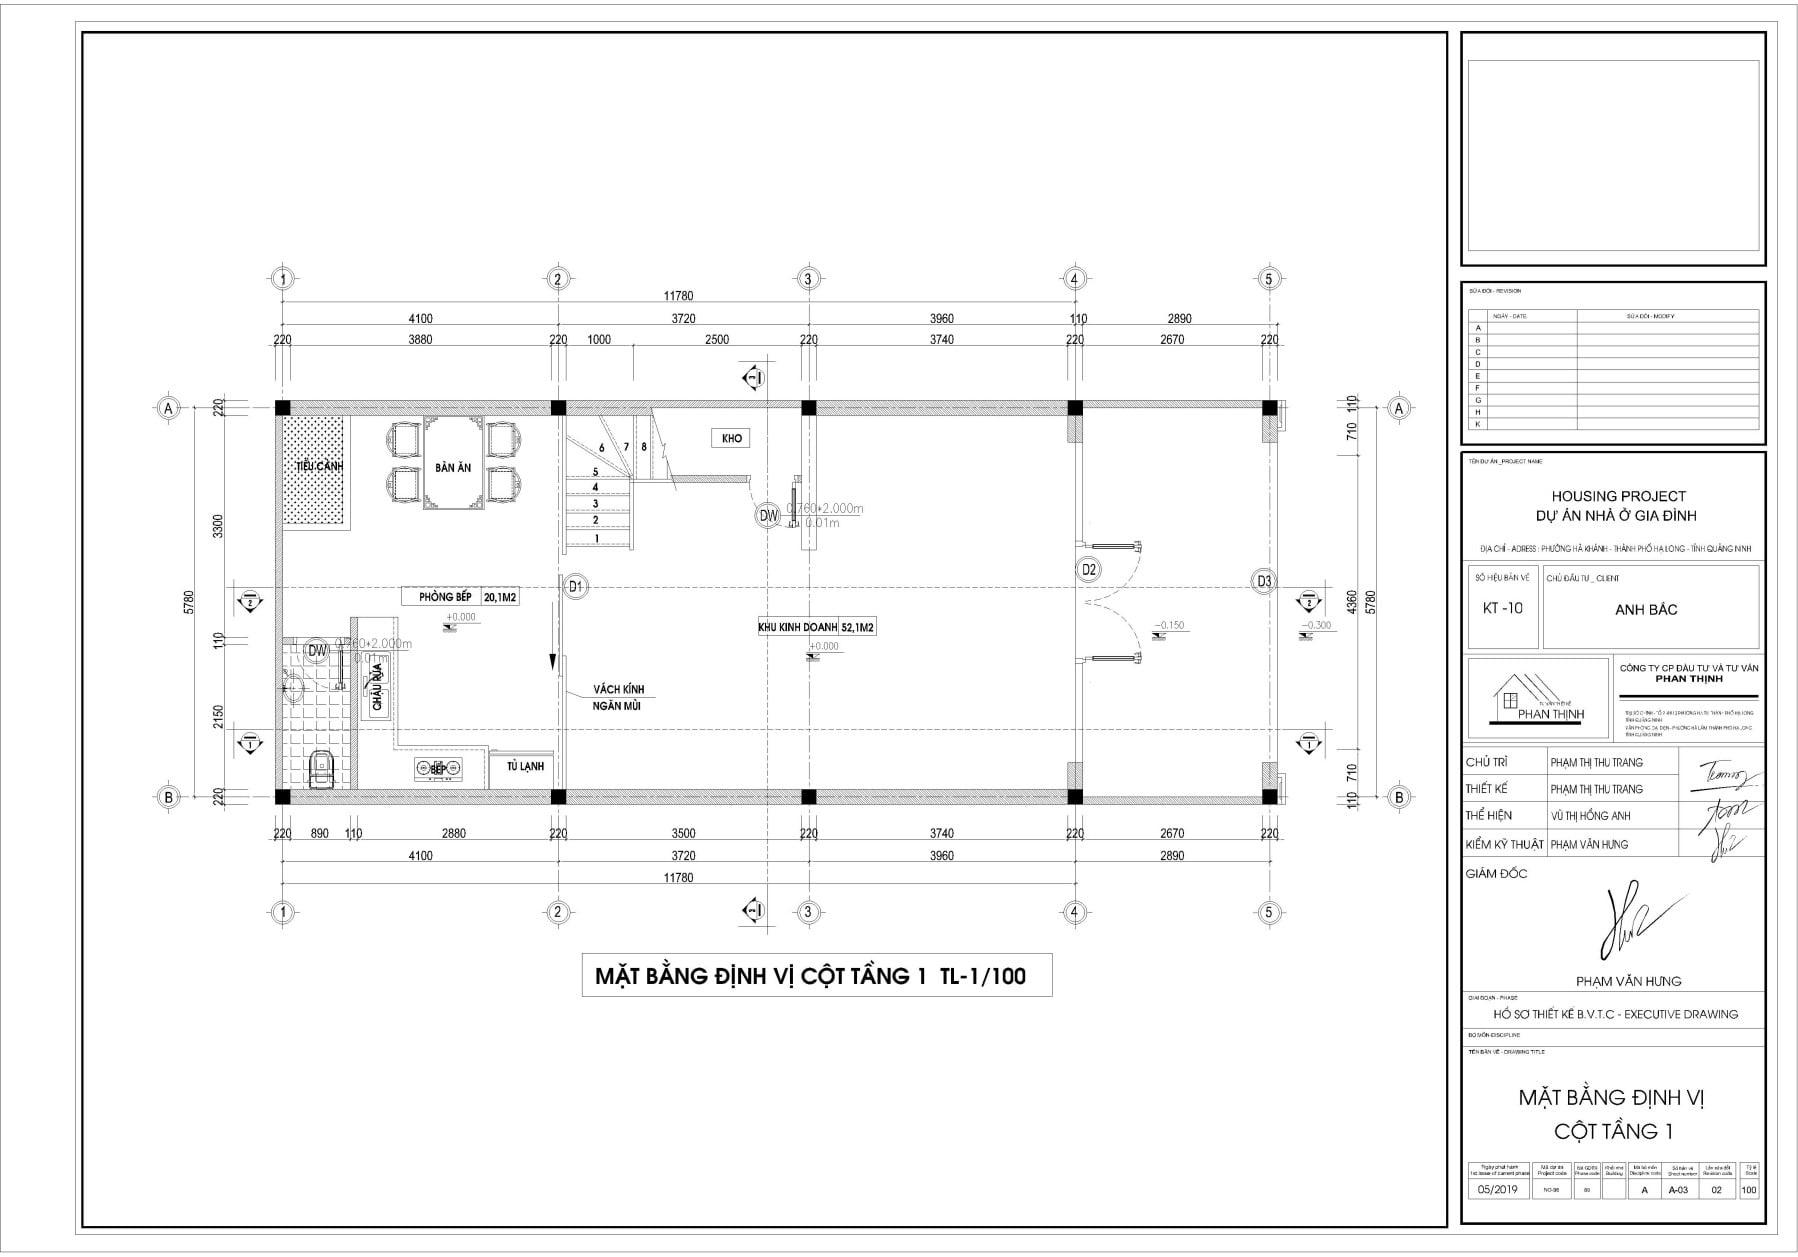 Bản vẽ thiết kế mặt bằng định vị cột cửa tầng 1